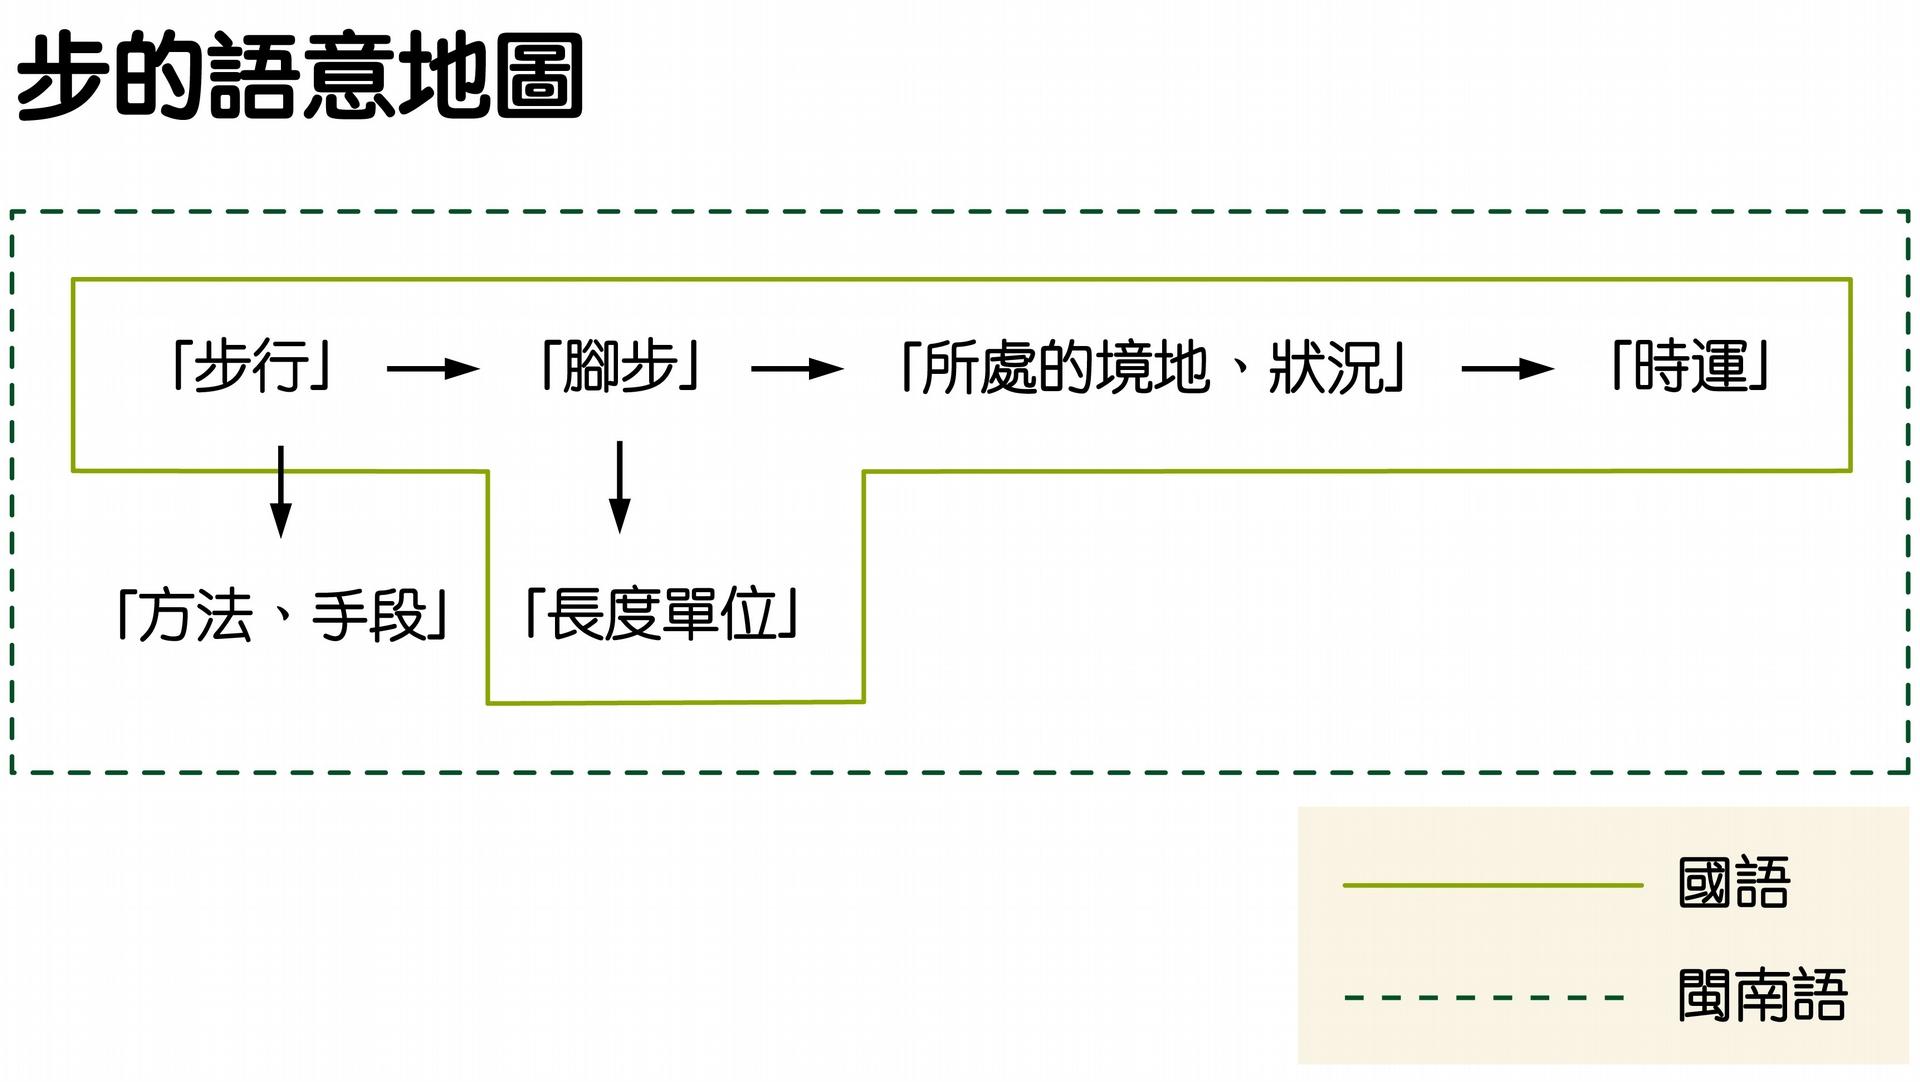 閩南語中的「步」擴充出「方法、手段」的語意,有許多相關詞彙。在臺灣華閩交雜的語言使用脈絡下,閩南語的語意滲入國語,因此出現「奧步」、「撇步」這類新詞彙。 資料來源│蕭素英